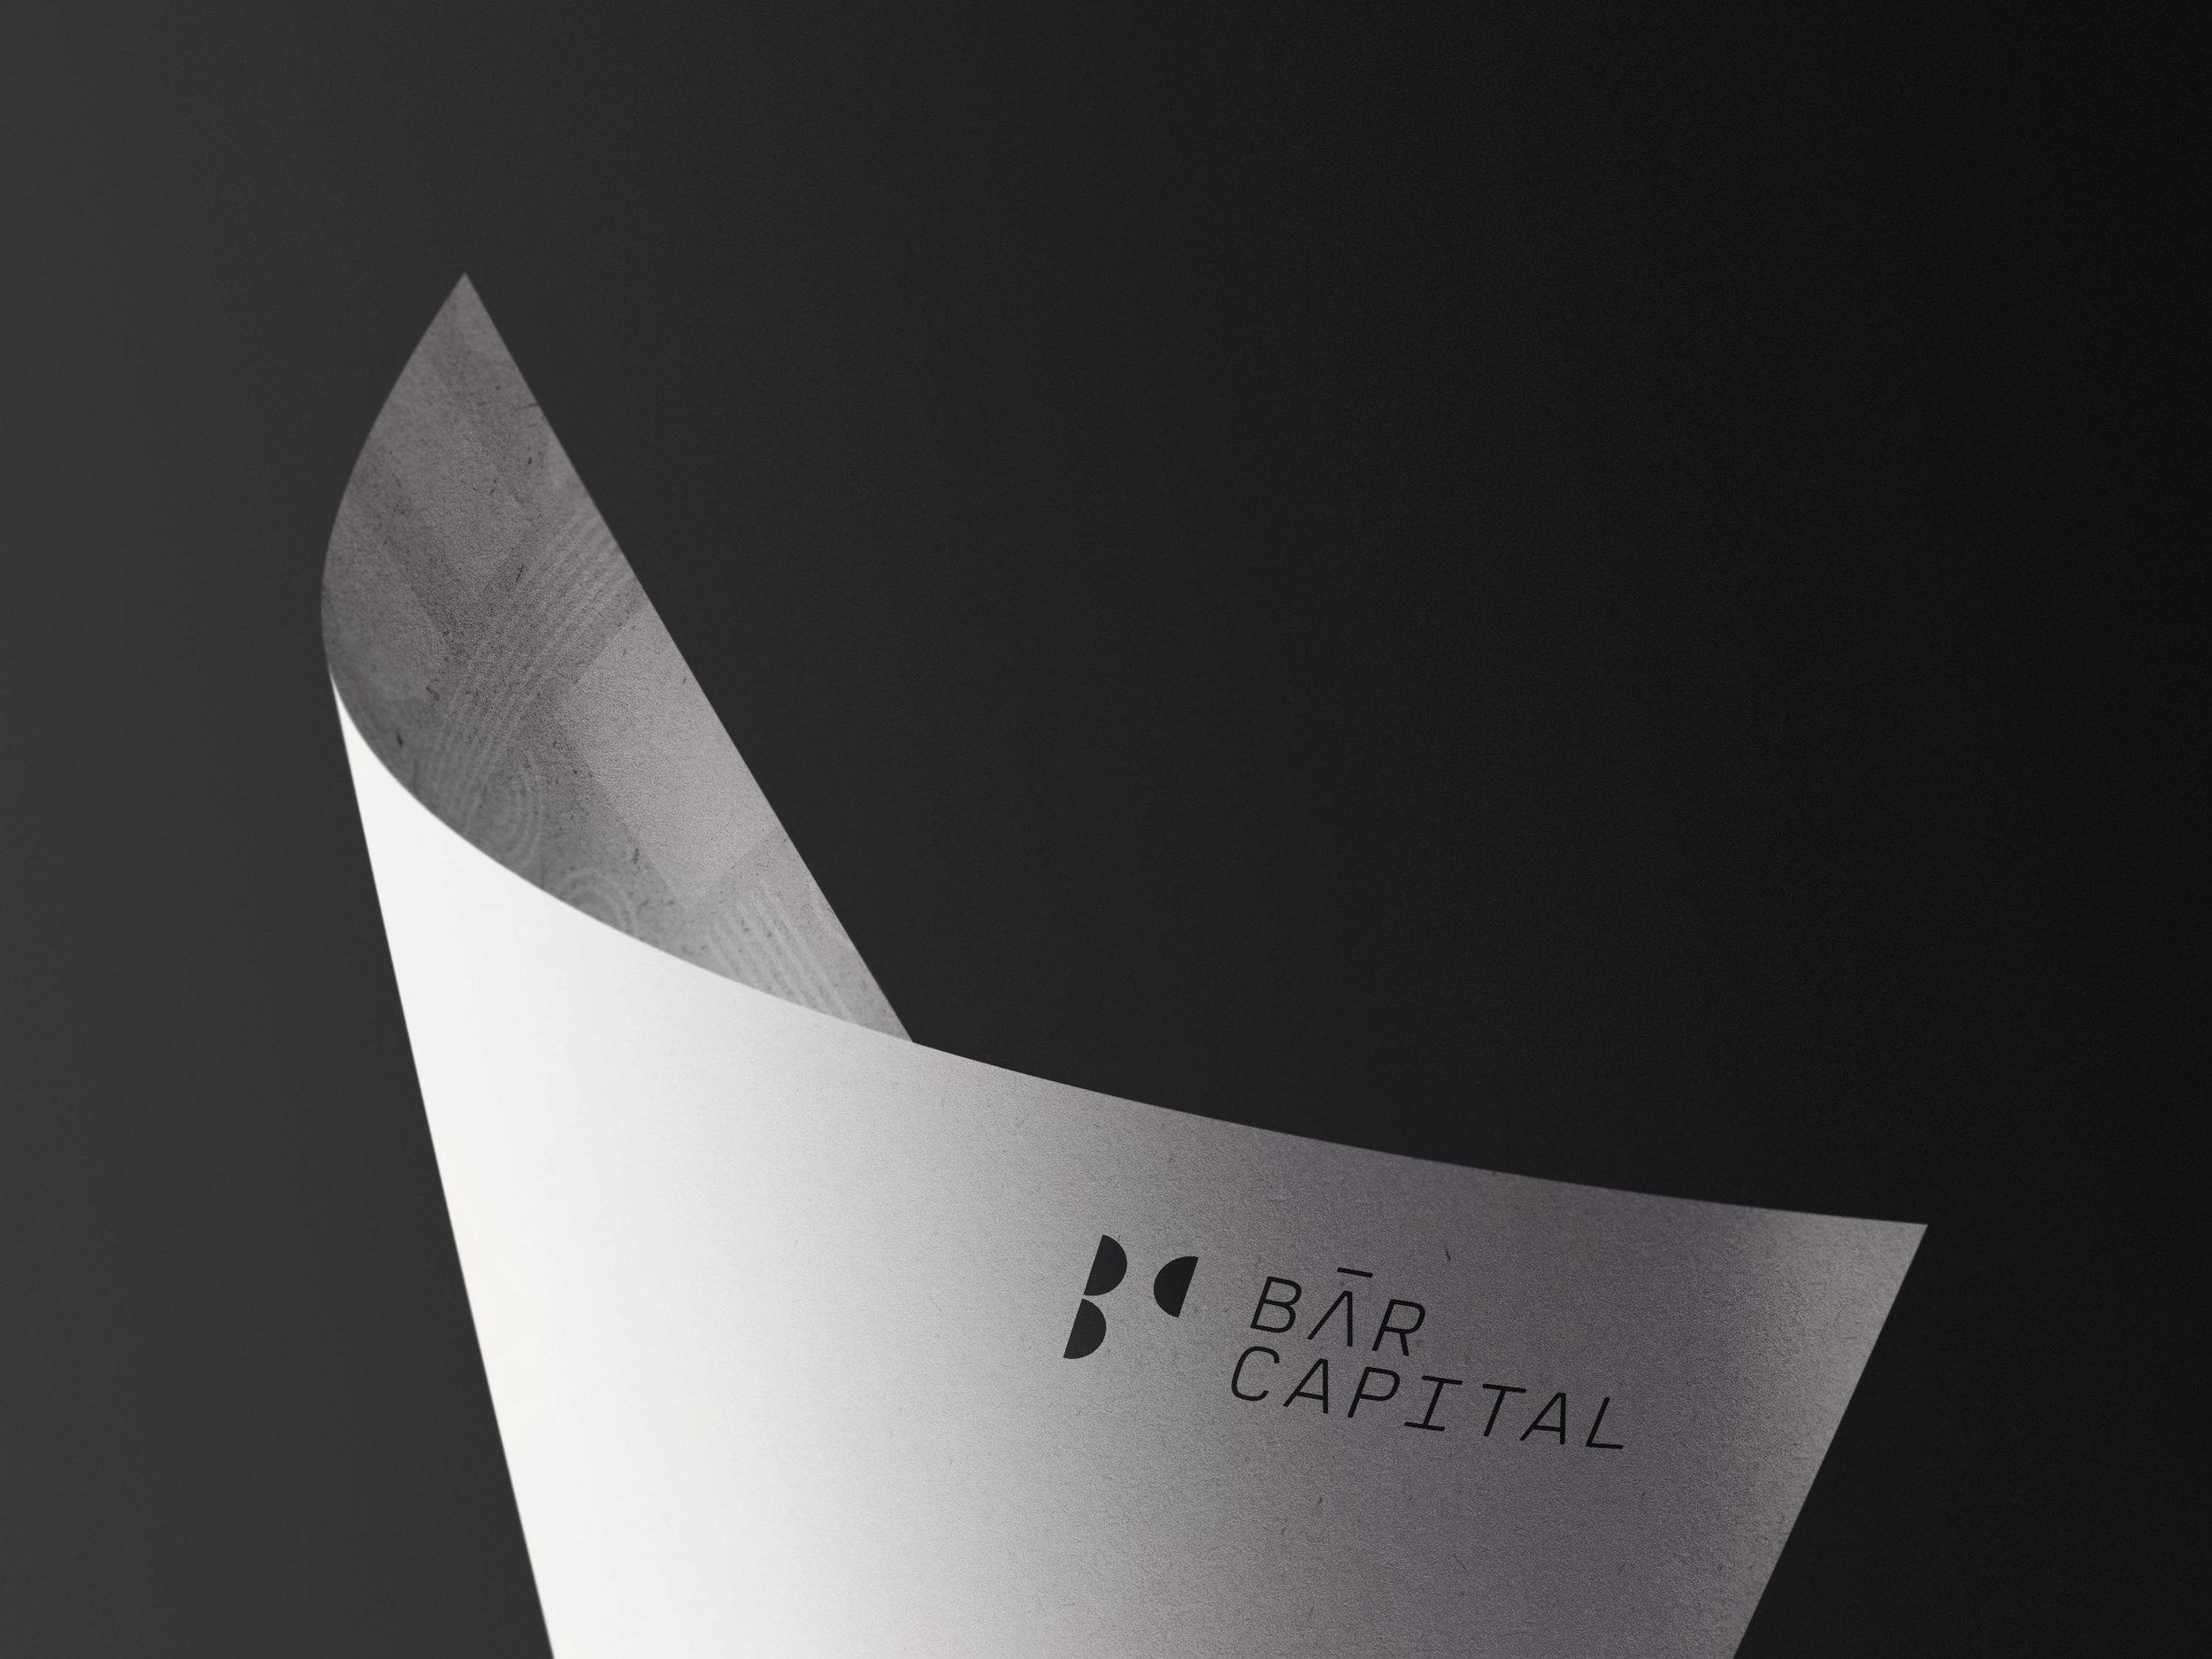 BAR-image-3b.jpg